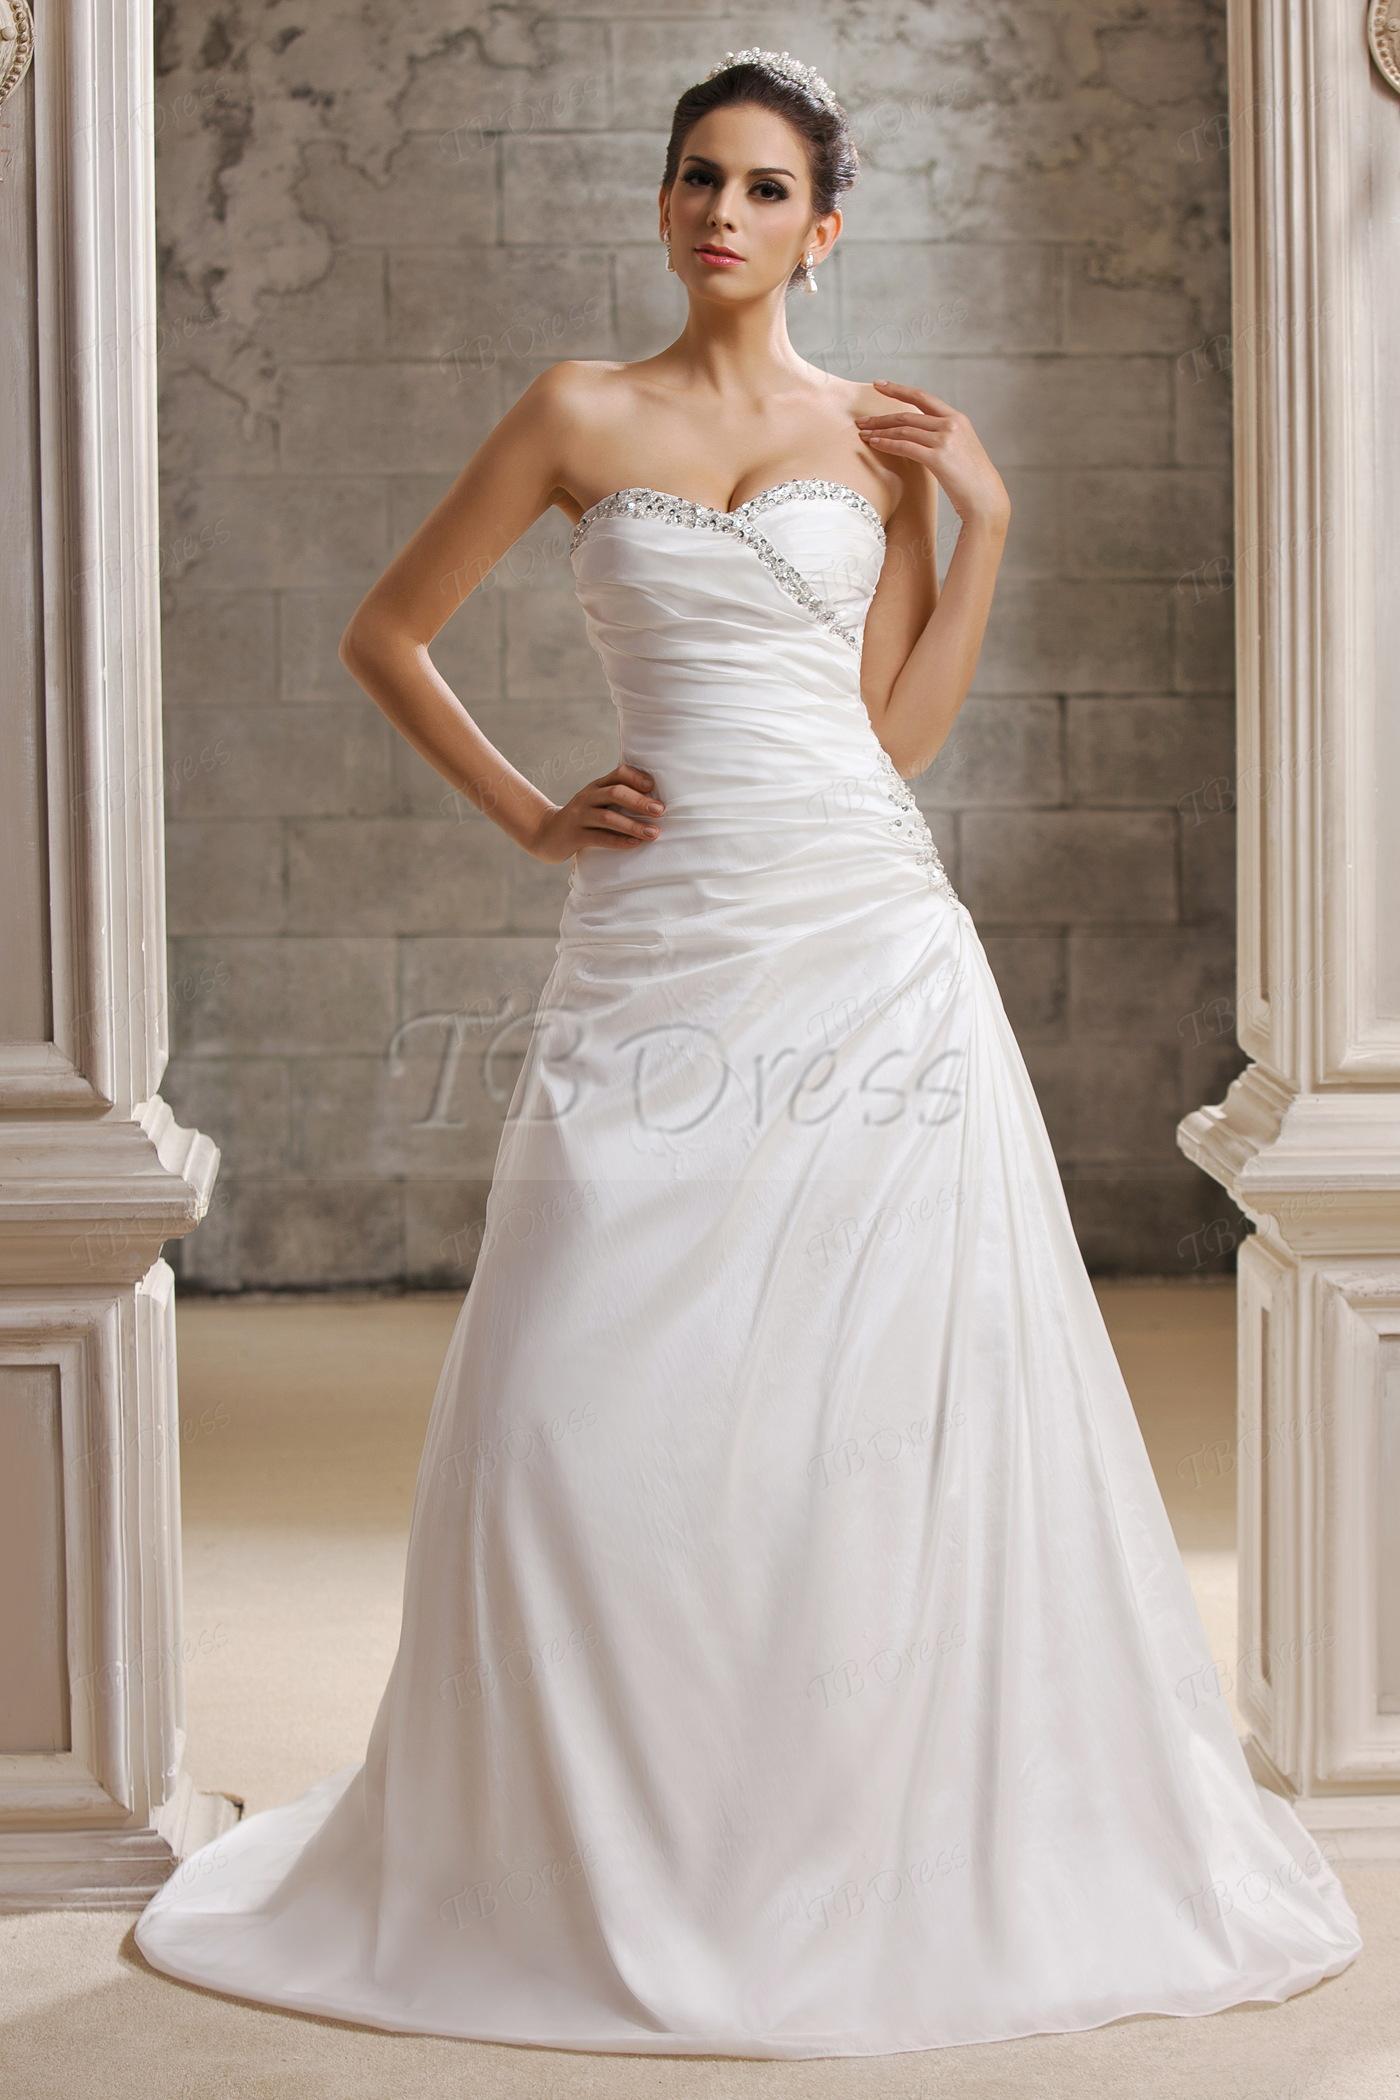 Vestidos de novia comprar en linea